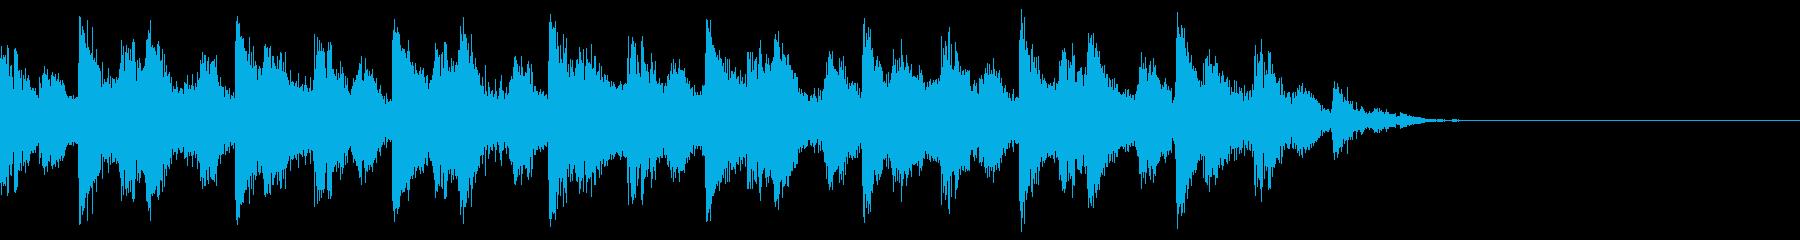 情熱的でカッコいいヒップホップ 12秒の再生済みの波形